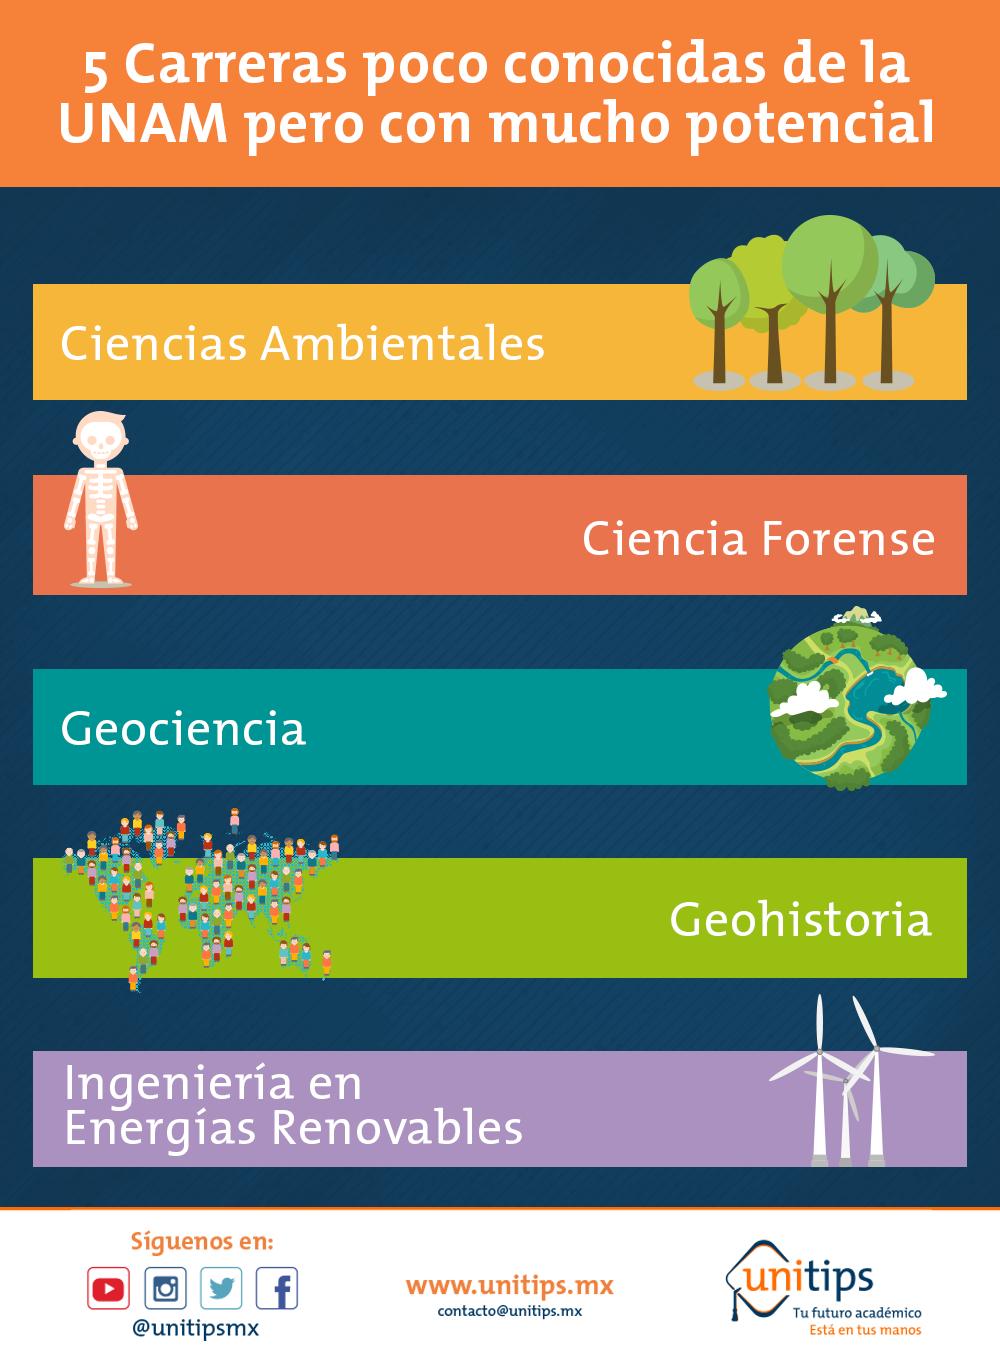 5 carreras poco conocidas de la UNAM pero con mucho potencial